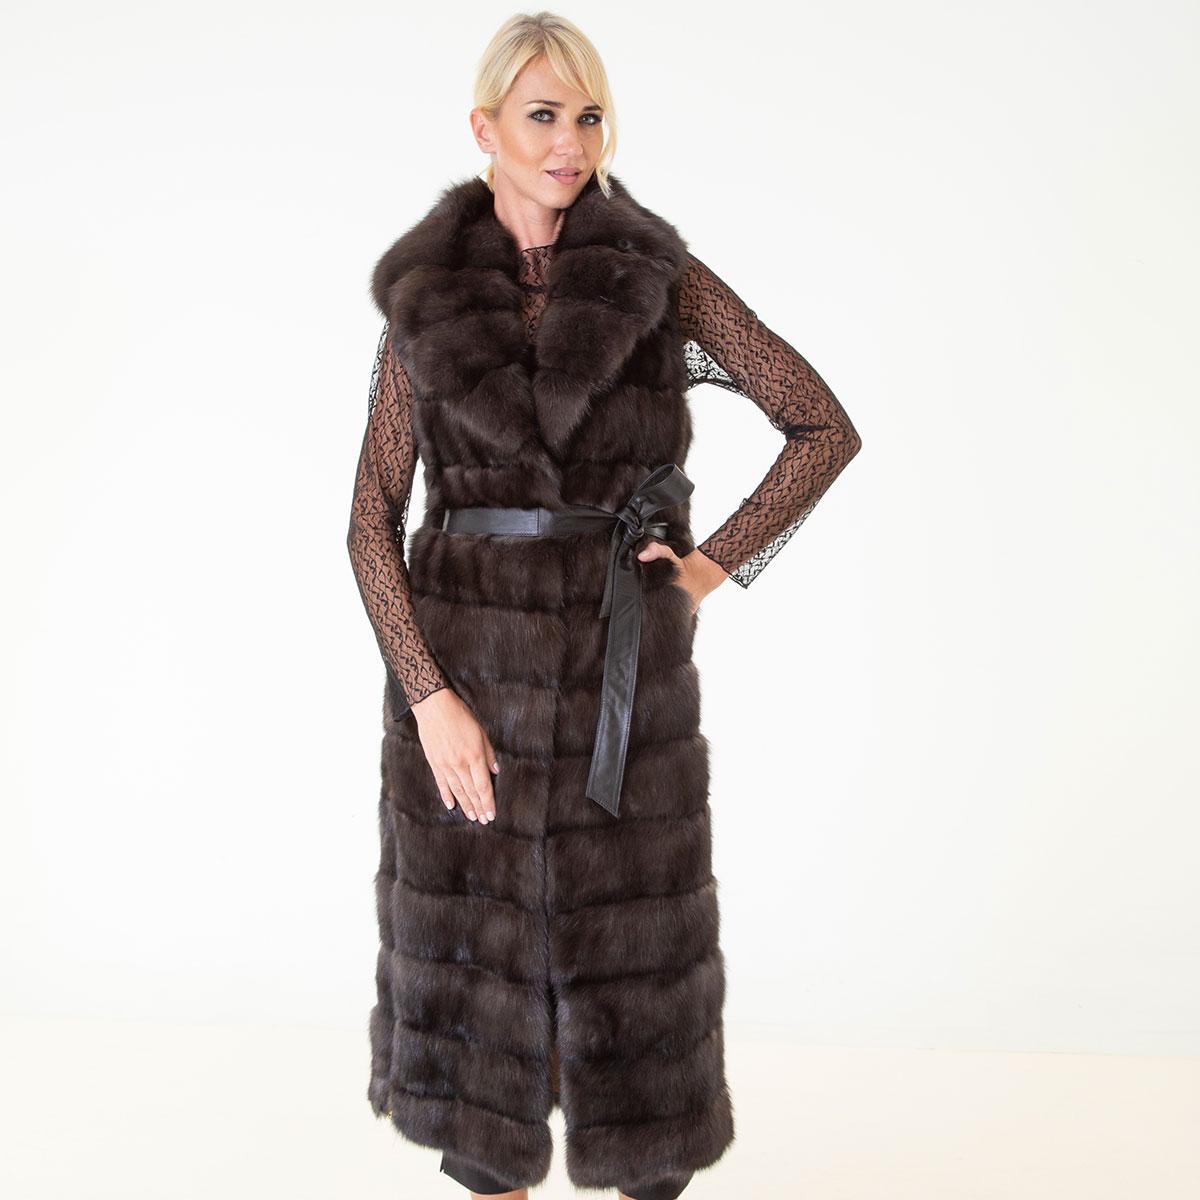 Barguzin Sable Fur Vest   Жилет из меха баргузинского соболя - Sarigianni Furs